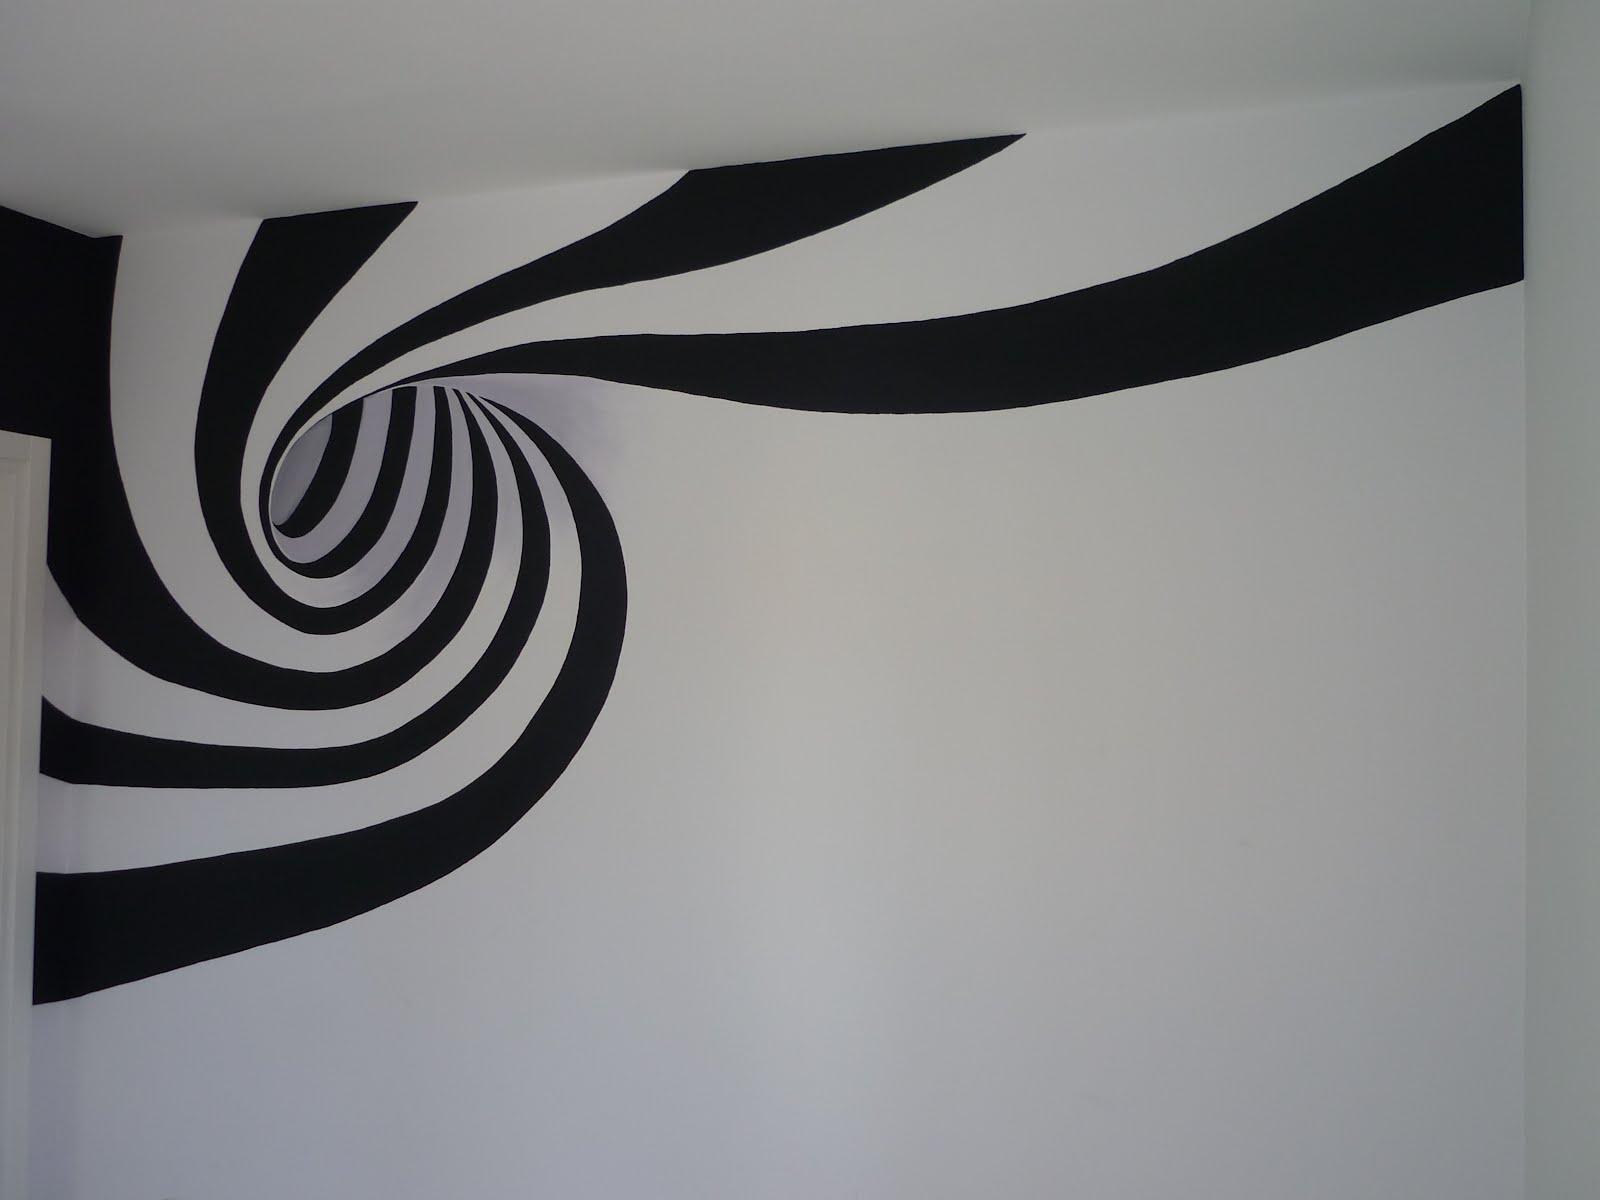 disegni per pareti. pareti a righe fotogallery donnaclick quando ... - Disegni Su Pareti Soggiorno 2